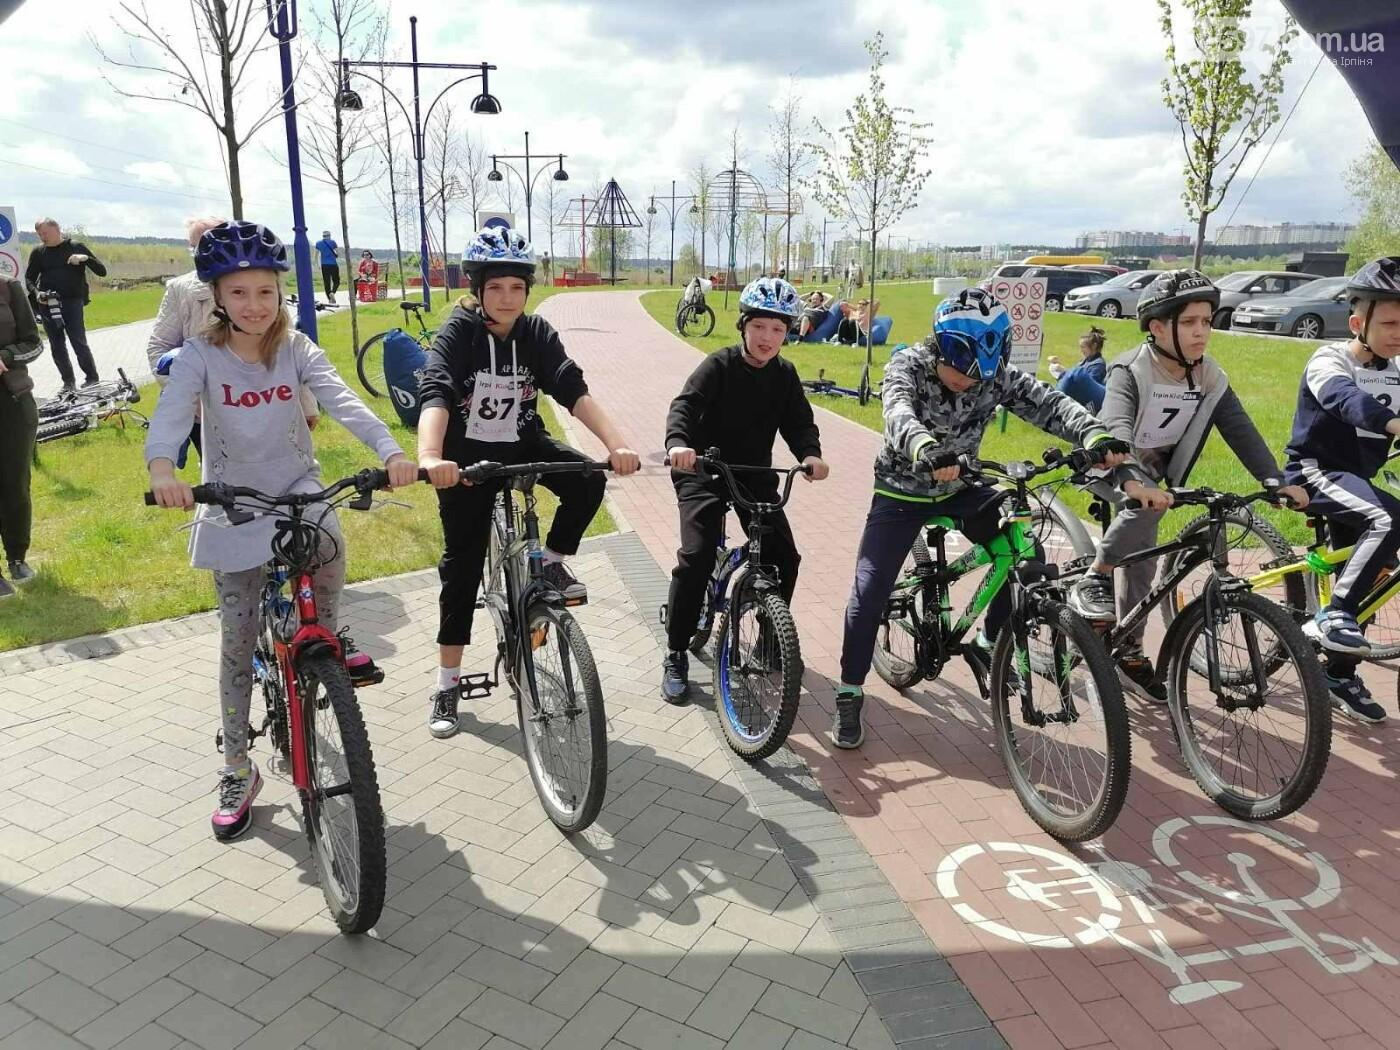 В Ірпені пройшли дитячі велосипедні гонки